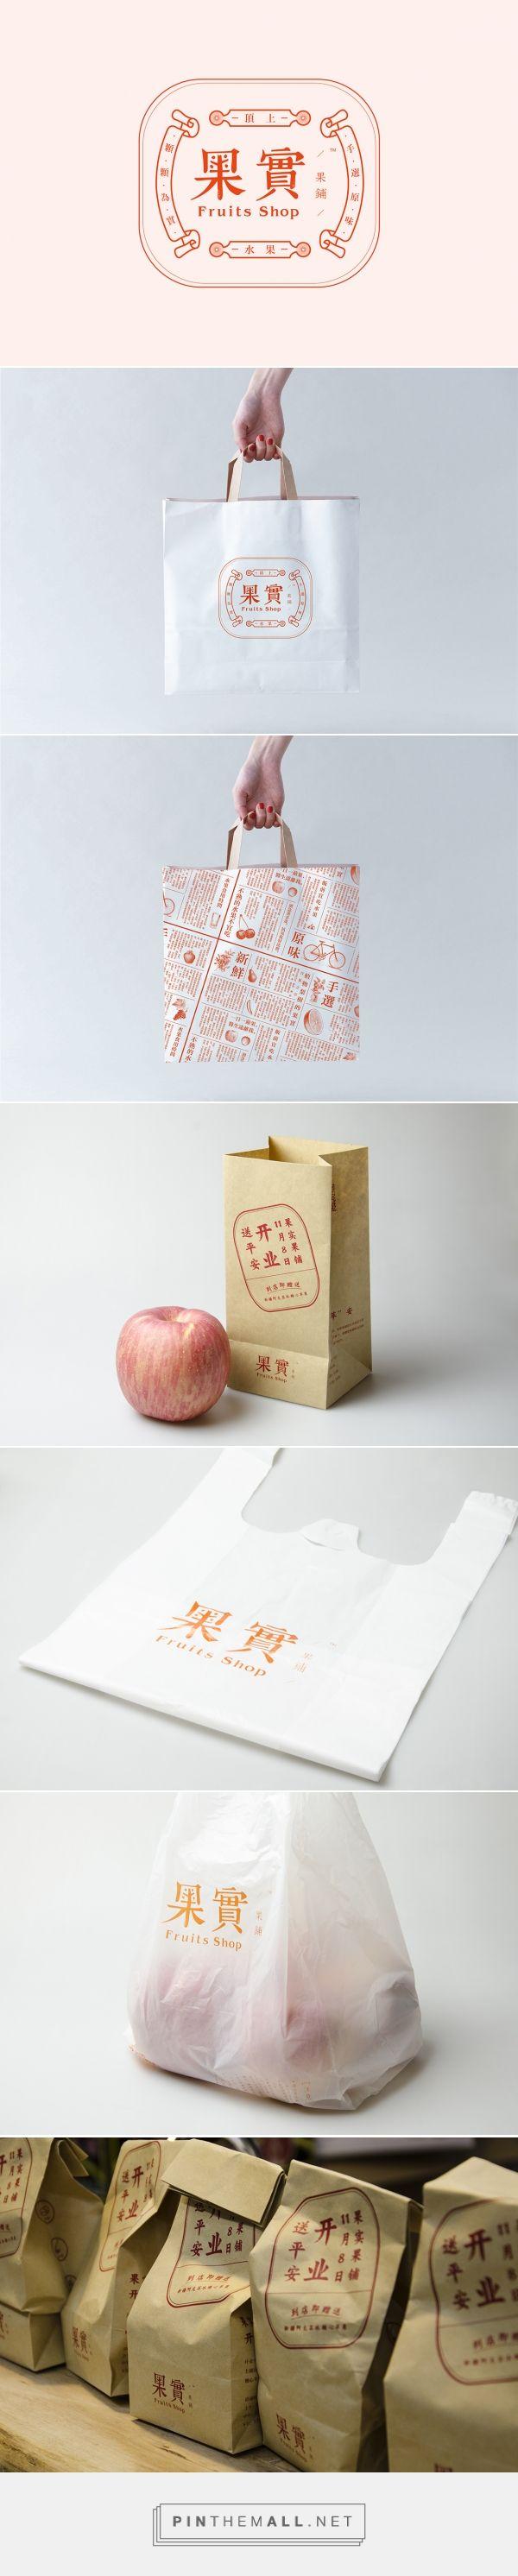 果實果铺品牌设计 | Mintbrand Design curated by Packaging Diva PD. Fruits shop sells exquisite fruit and dry fruit with great packaging. Branding, Design, Graphic Design